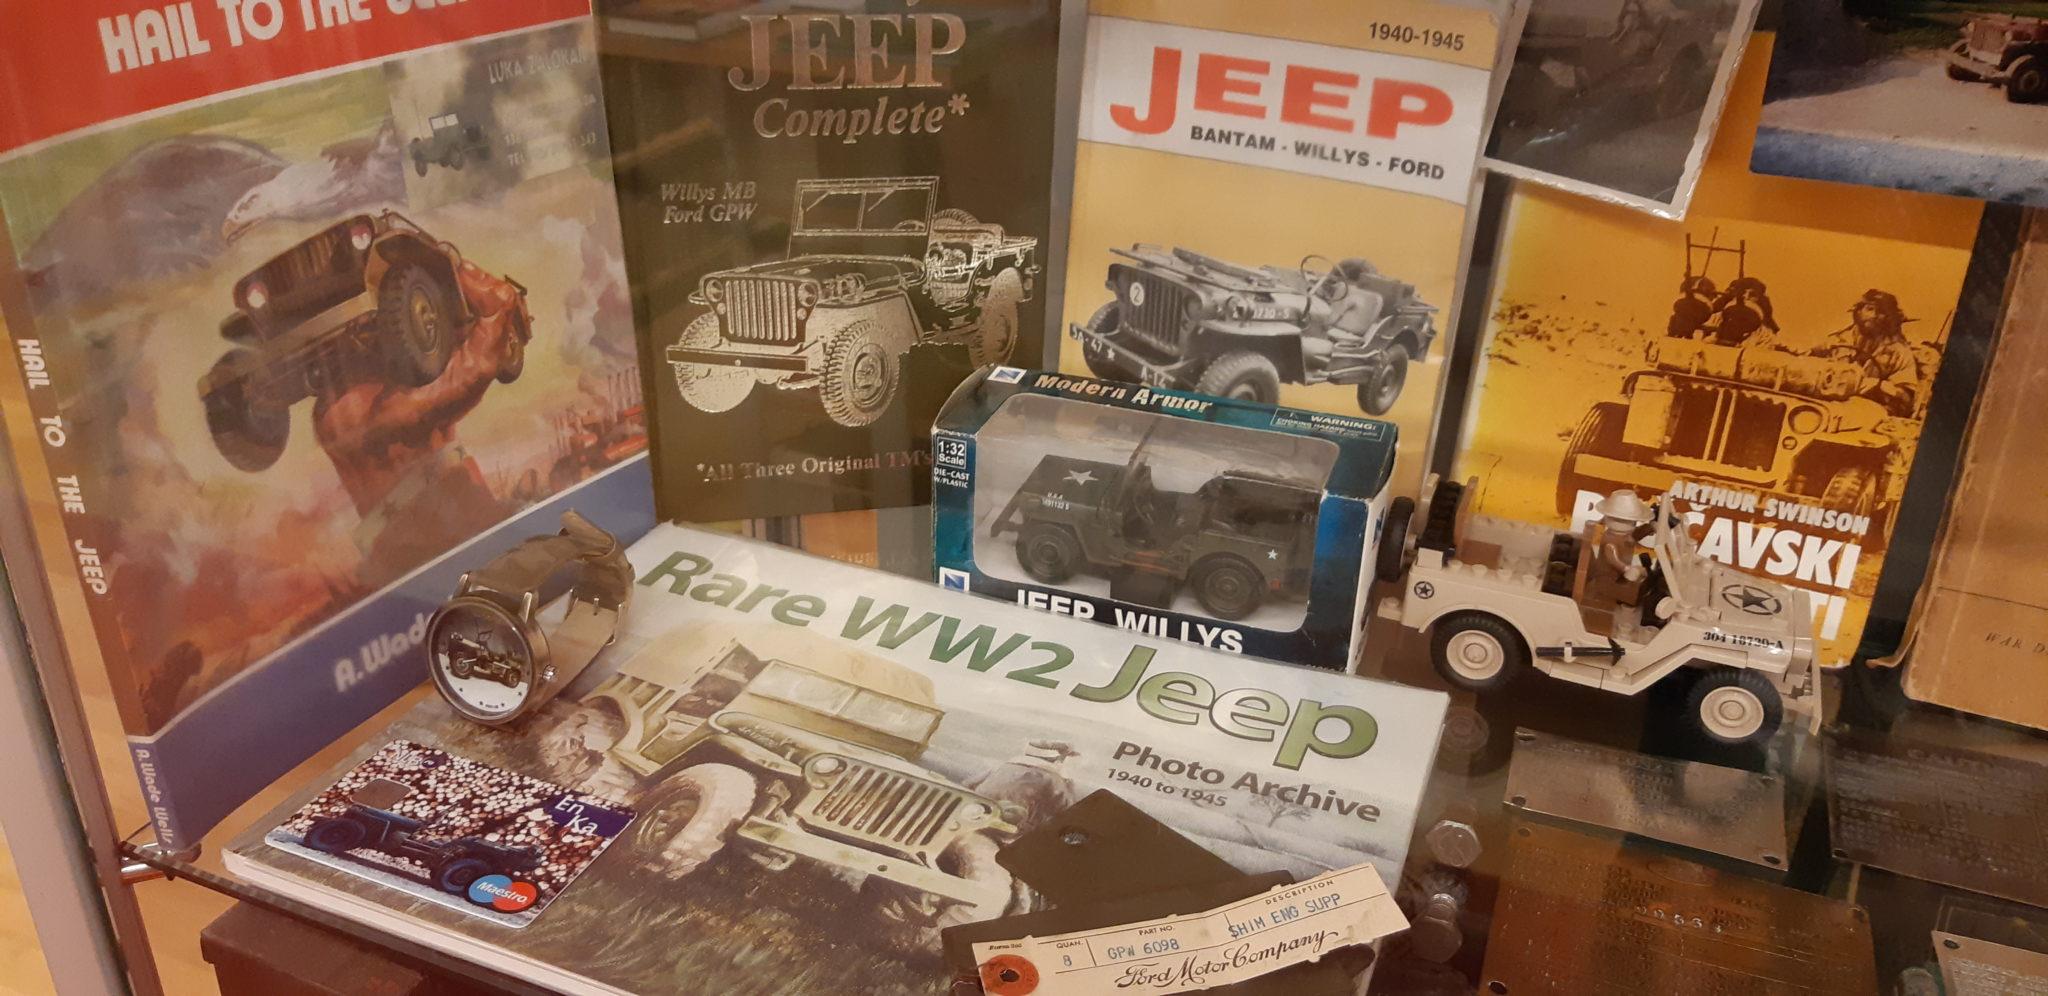 20190521 193555 - Luka Zalokar - razstava zbirke Jeep '43